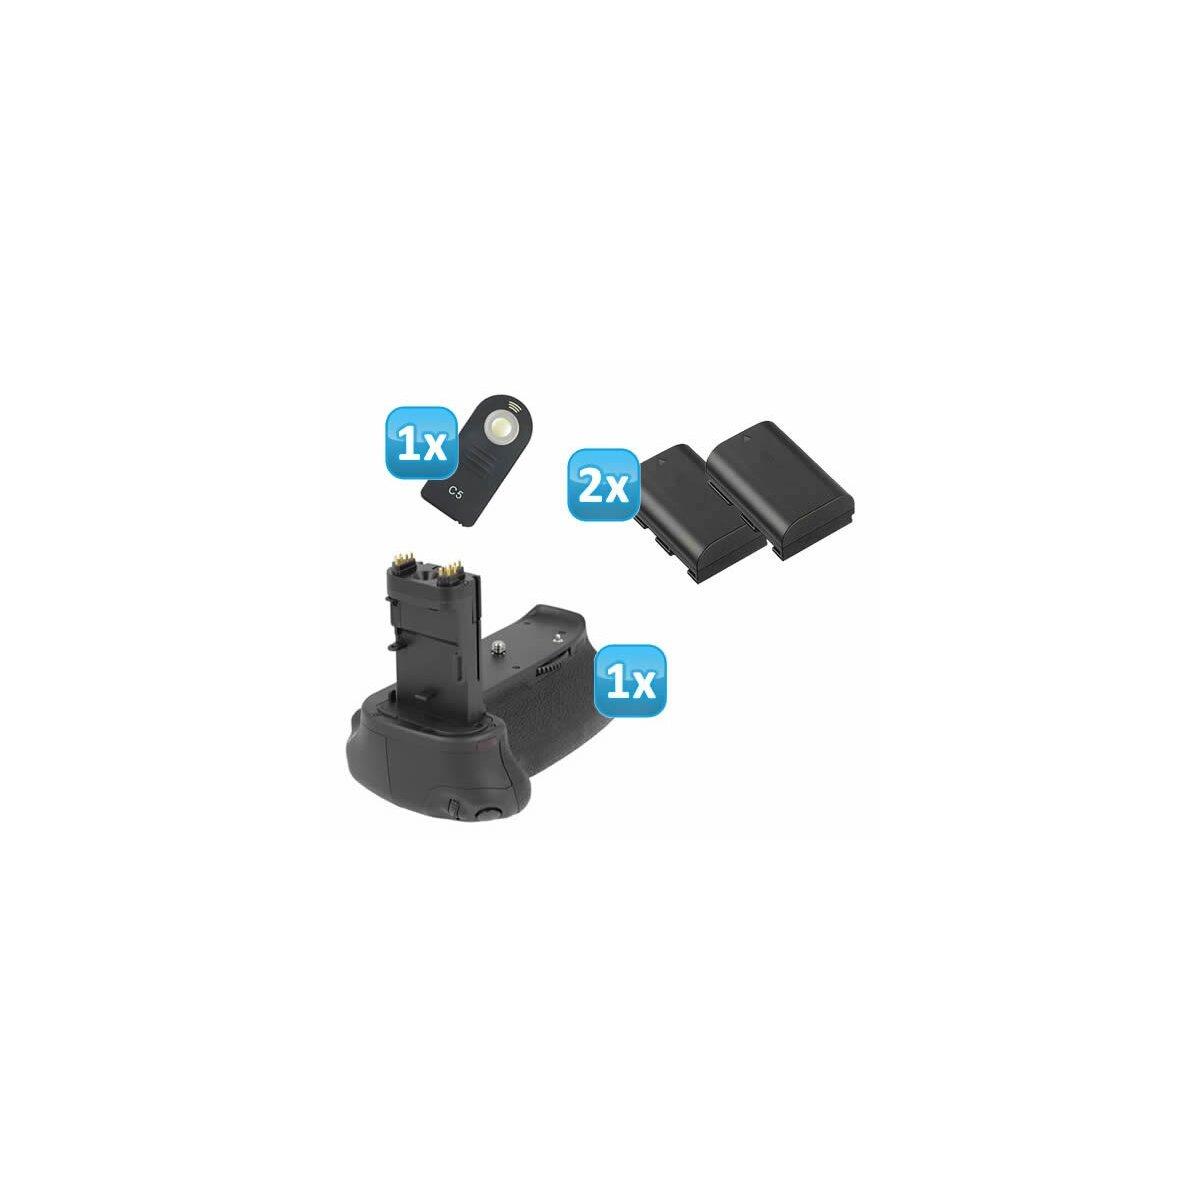 Minadax Batteriegriff fuer Canon EOS 6D mit INFRAROT Schnittstelle - aehnlich wie BG-E13 für 2x LP-E6 oder 6 AA Batterien + 2 LP-E6 Nachbau-Akkus